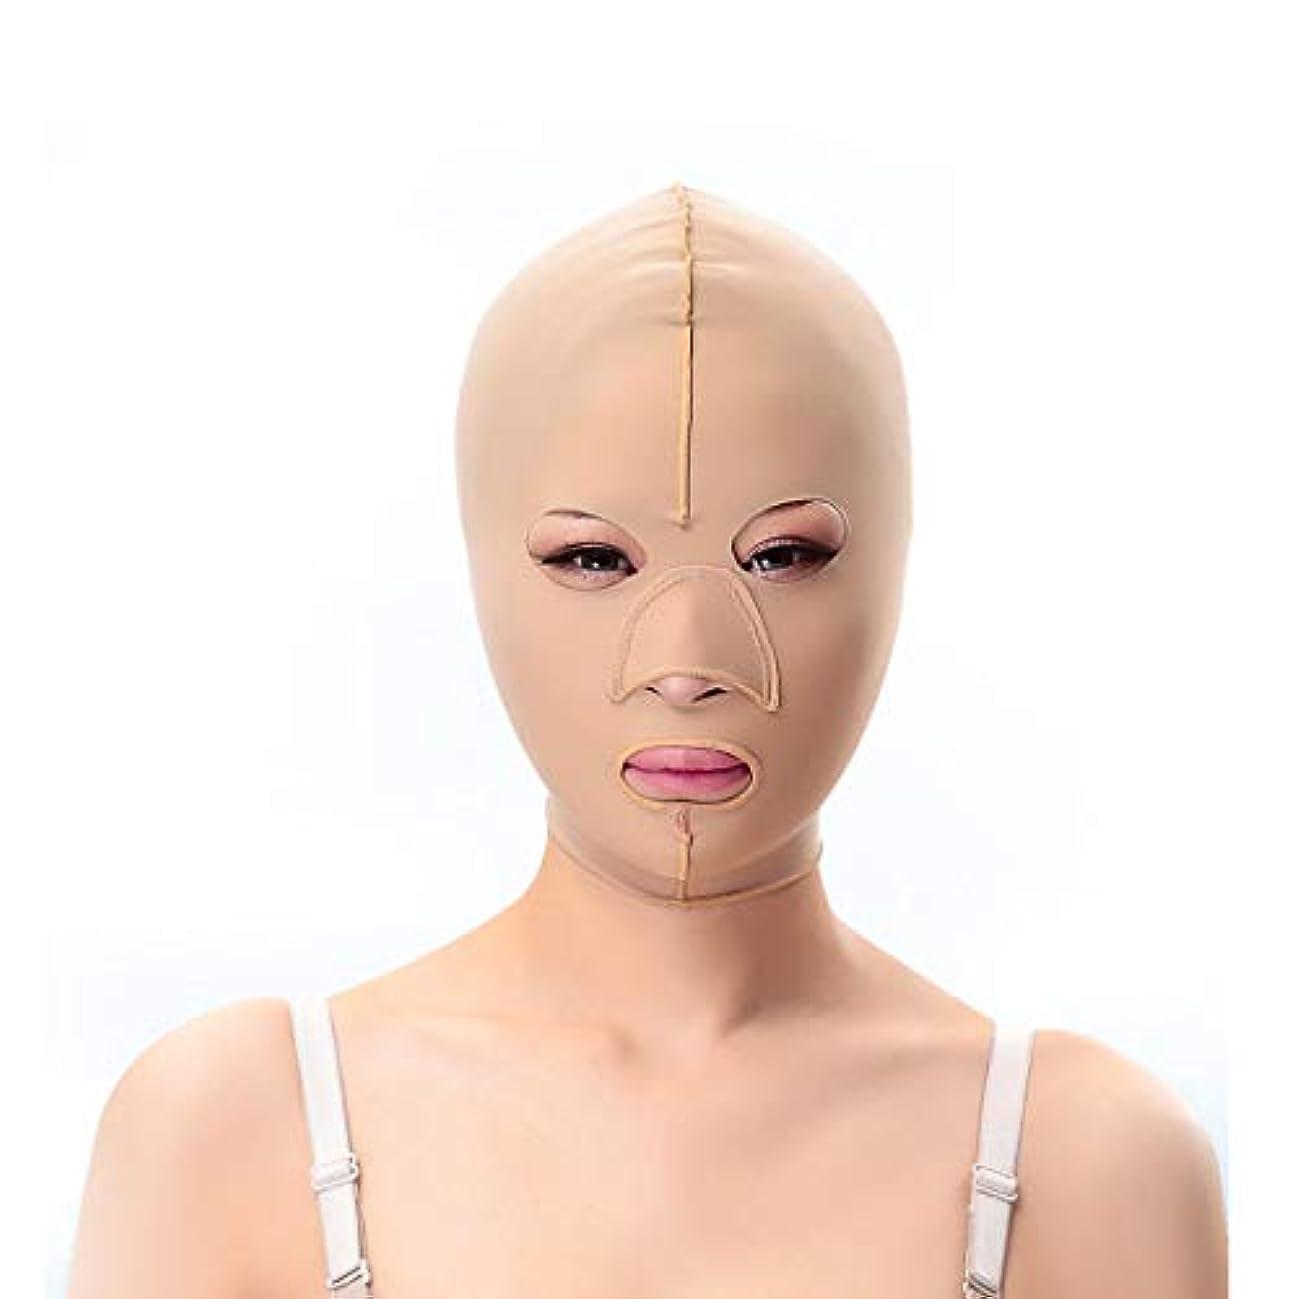 軍団滴下試用TLMY 減量ベルトマスクフェイスマスク神聖なパターンリフト二重あご引き締め顔面プラスチック顔面アーティファクト強力な顔面包帯 顔用整形マスク (Size : S)